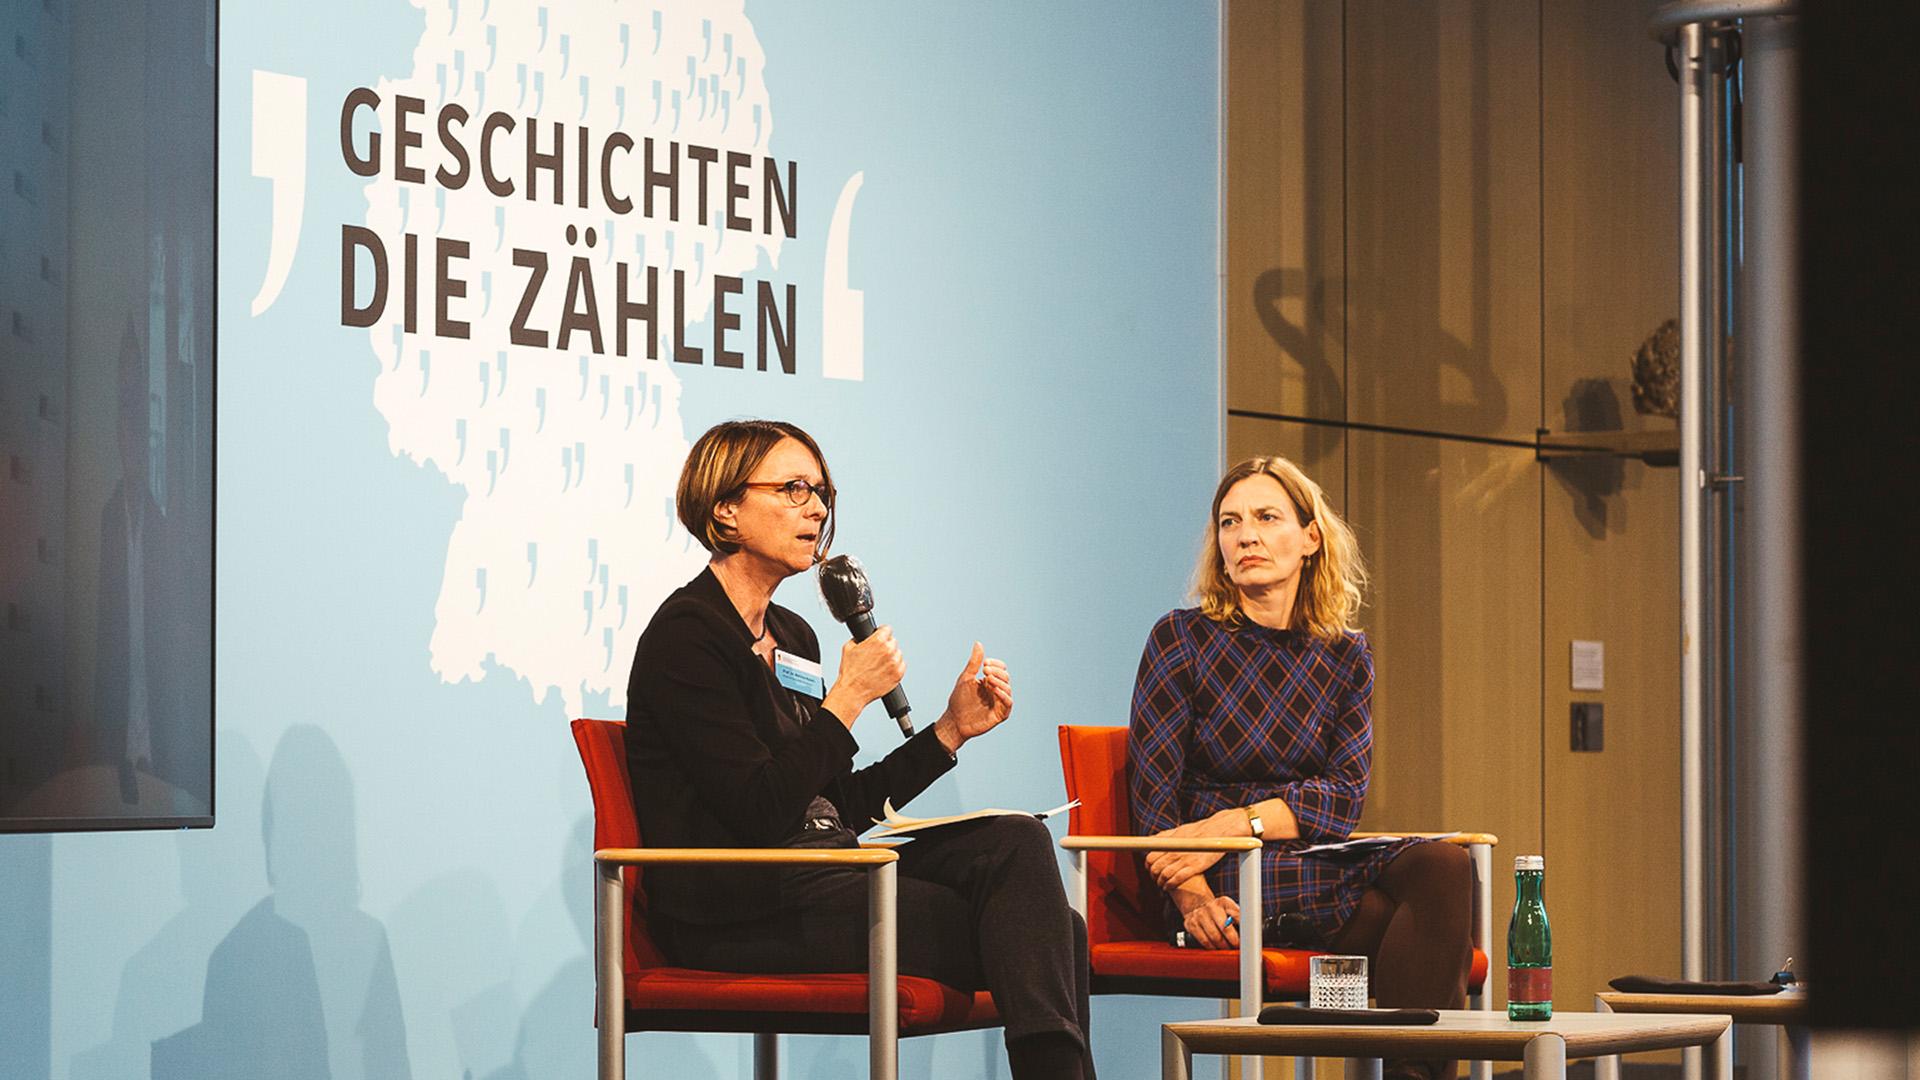 Zwei Frauen sitzen auf eine Bühne. Die eine Frau spricht in eine Mikrofon.